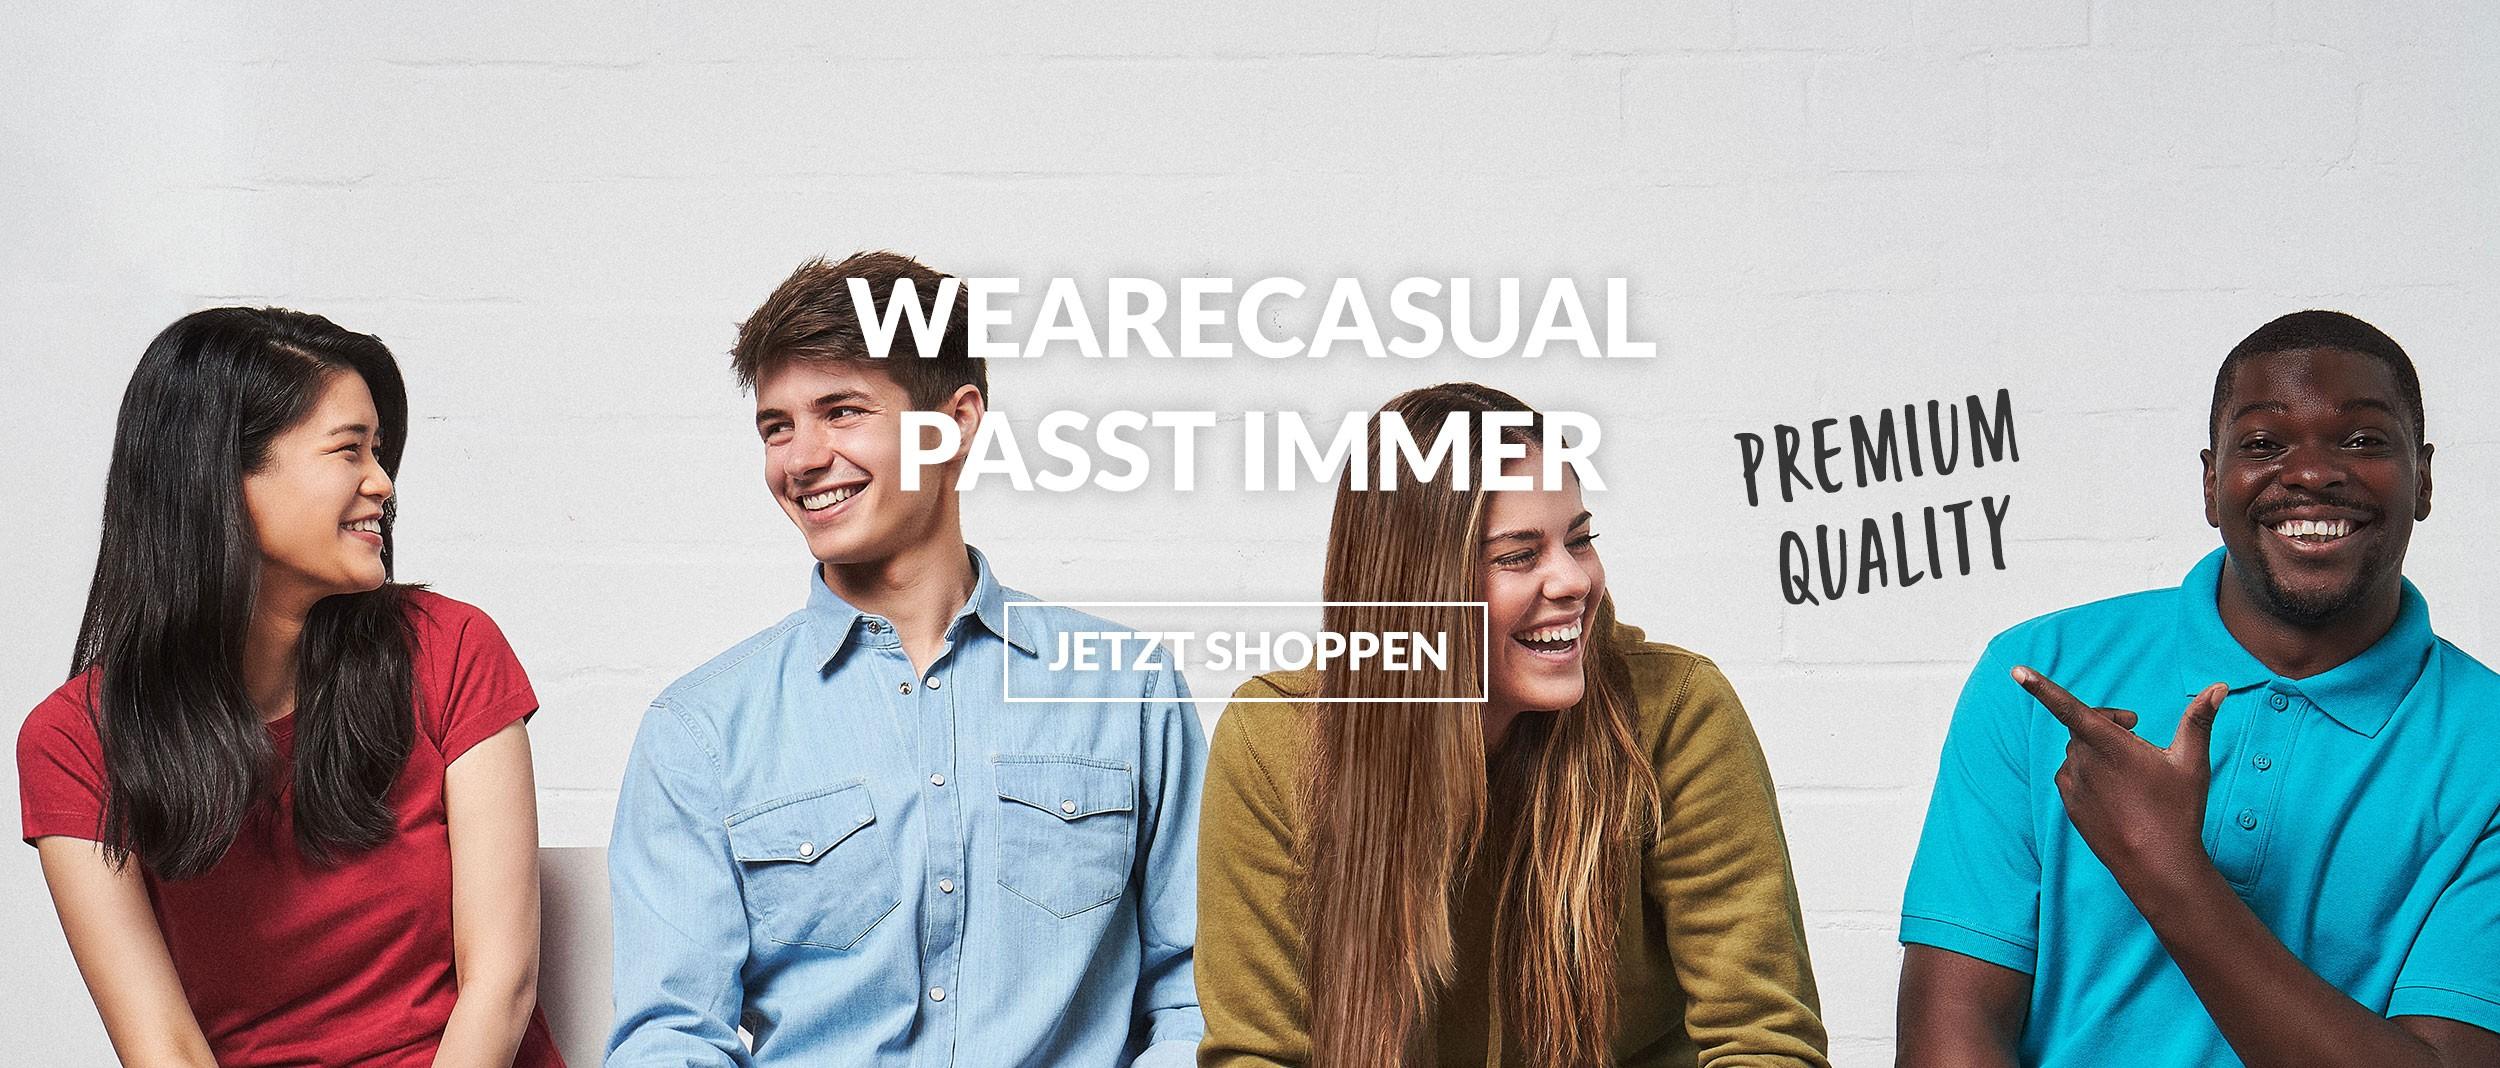 WEARECASUAL - JETZT SHOPPEN